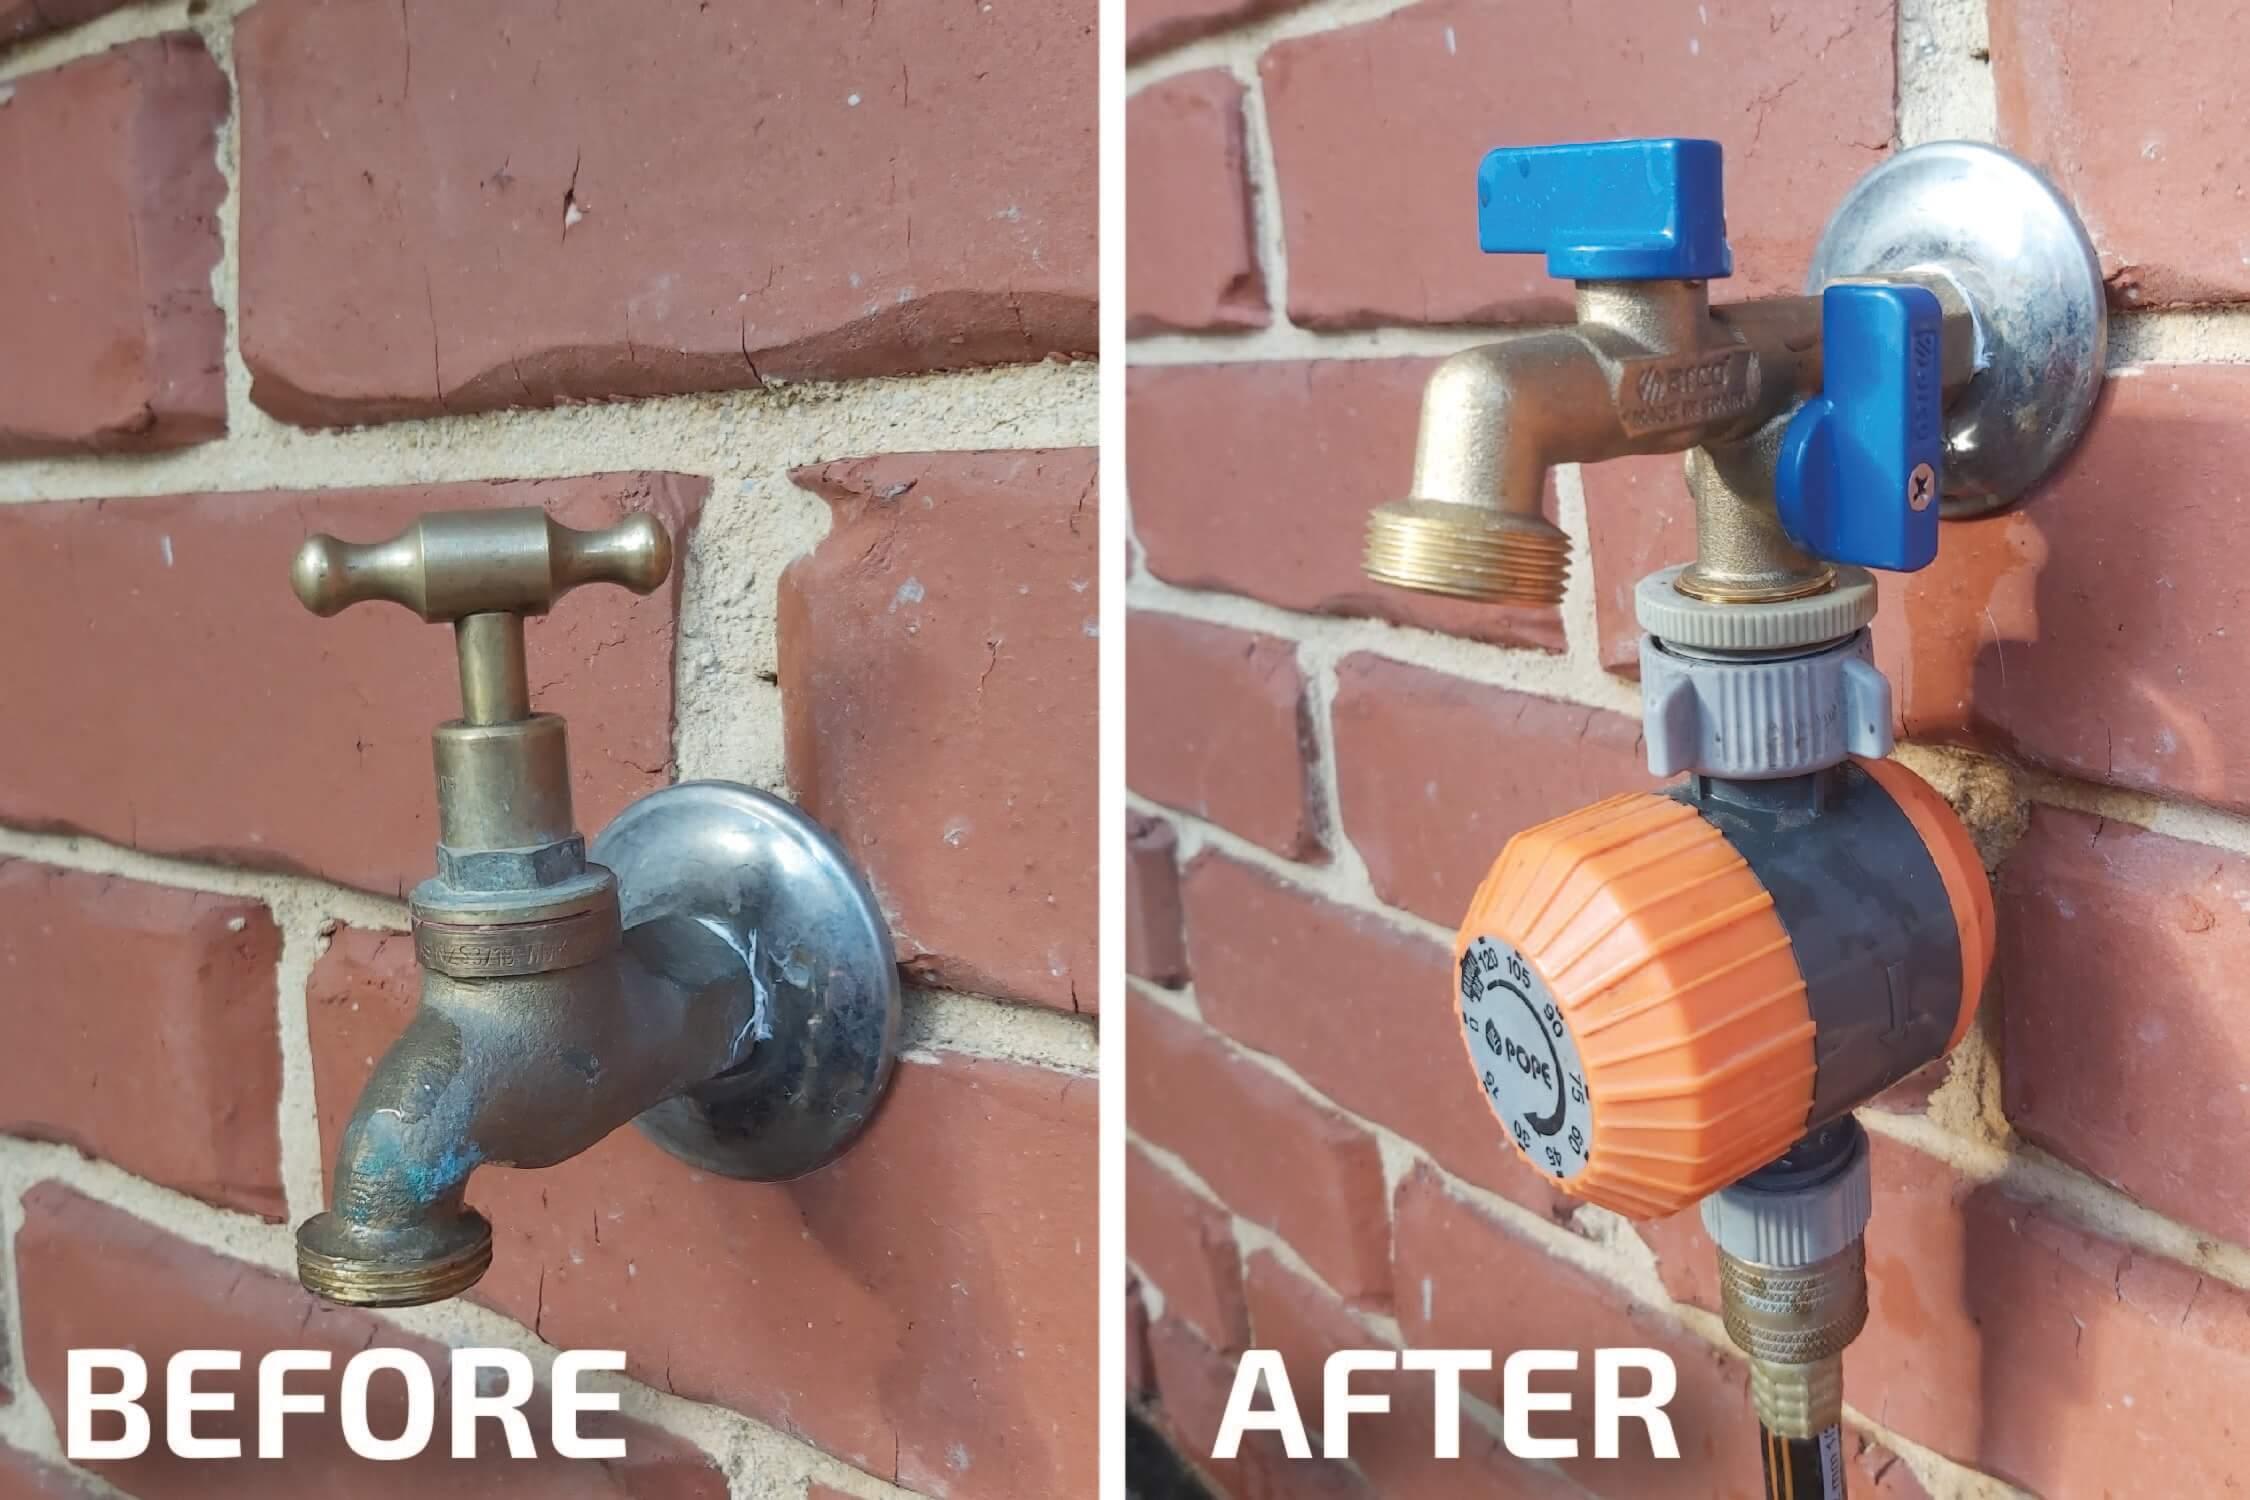 Arthritis-friendly taps